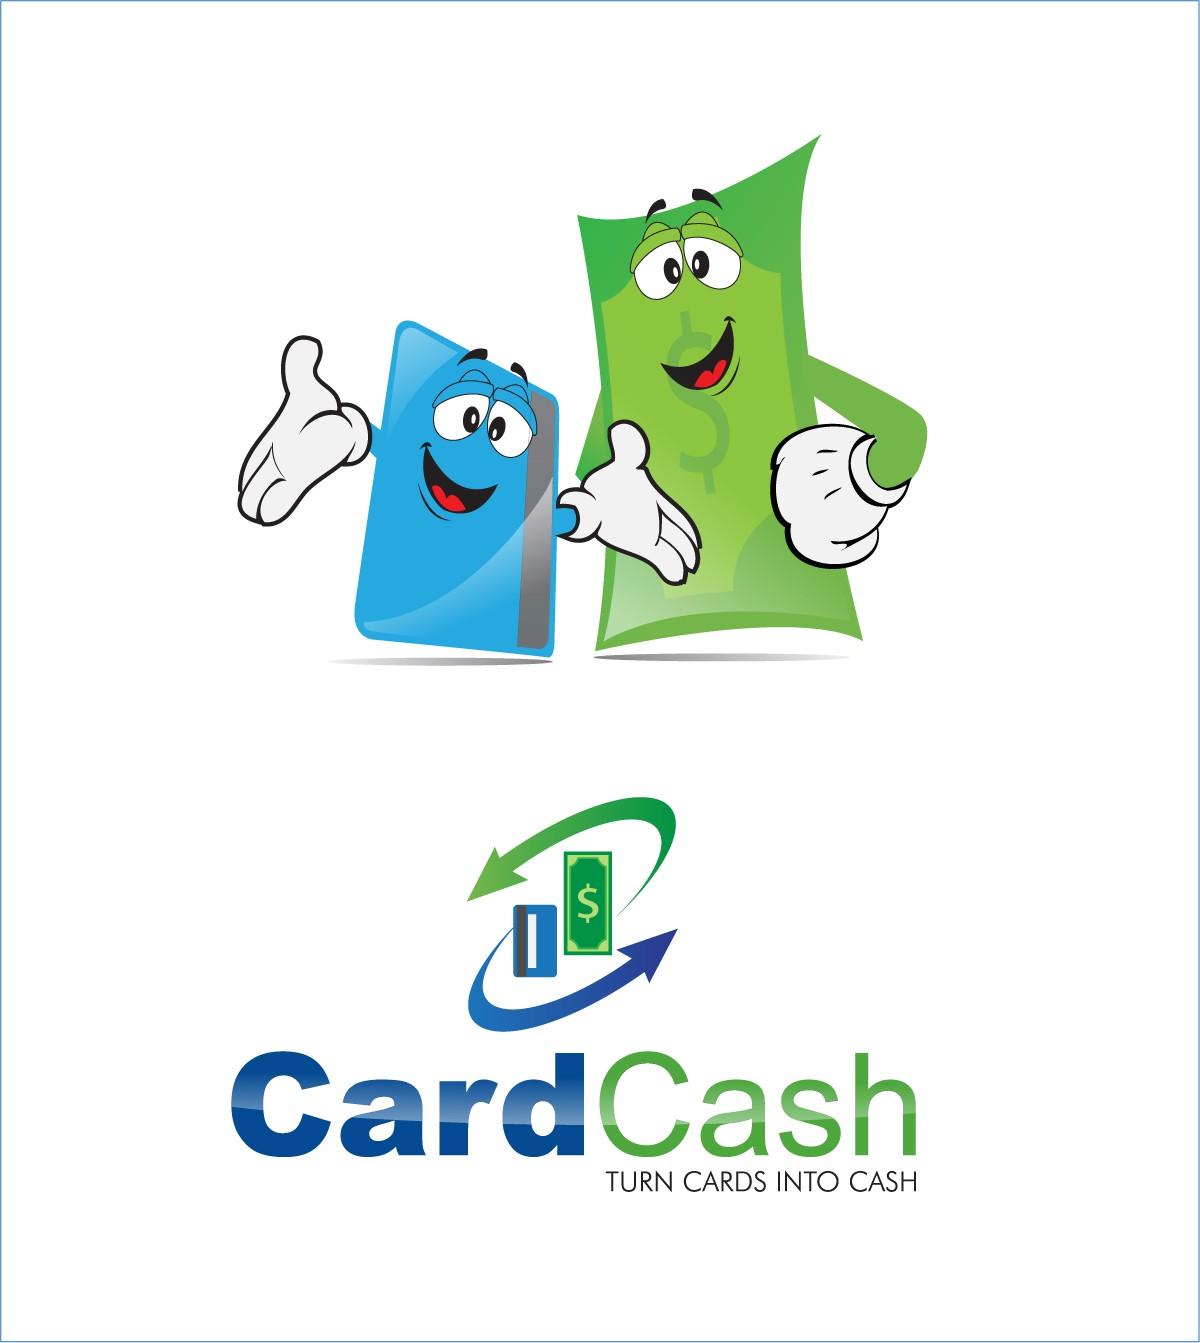 logo for CardCash.com